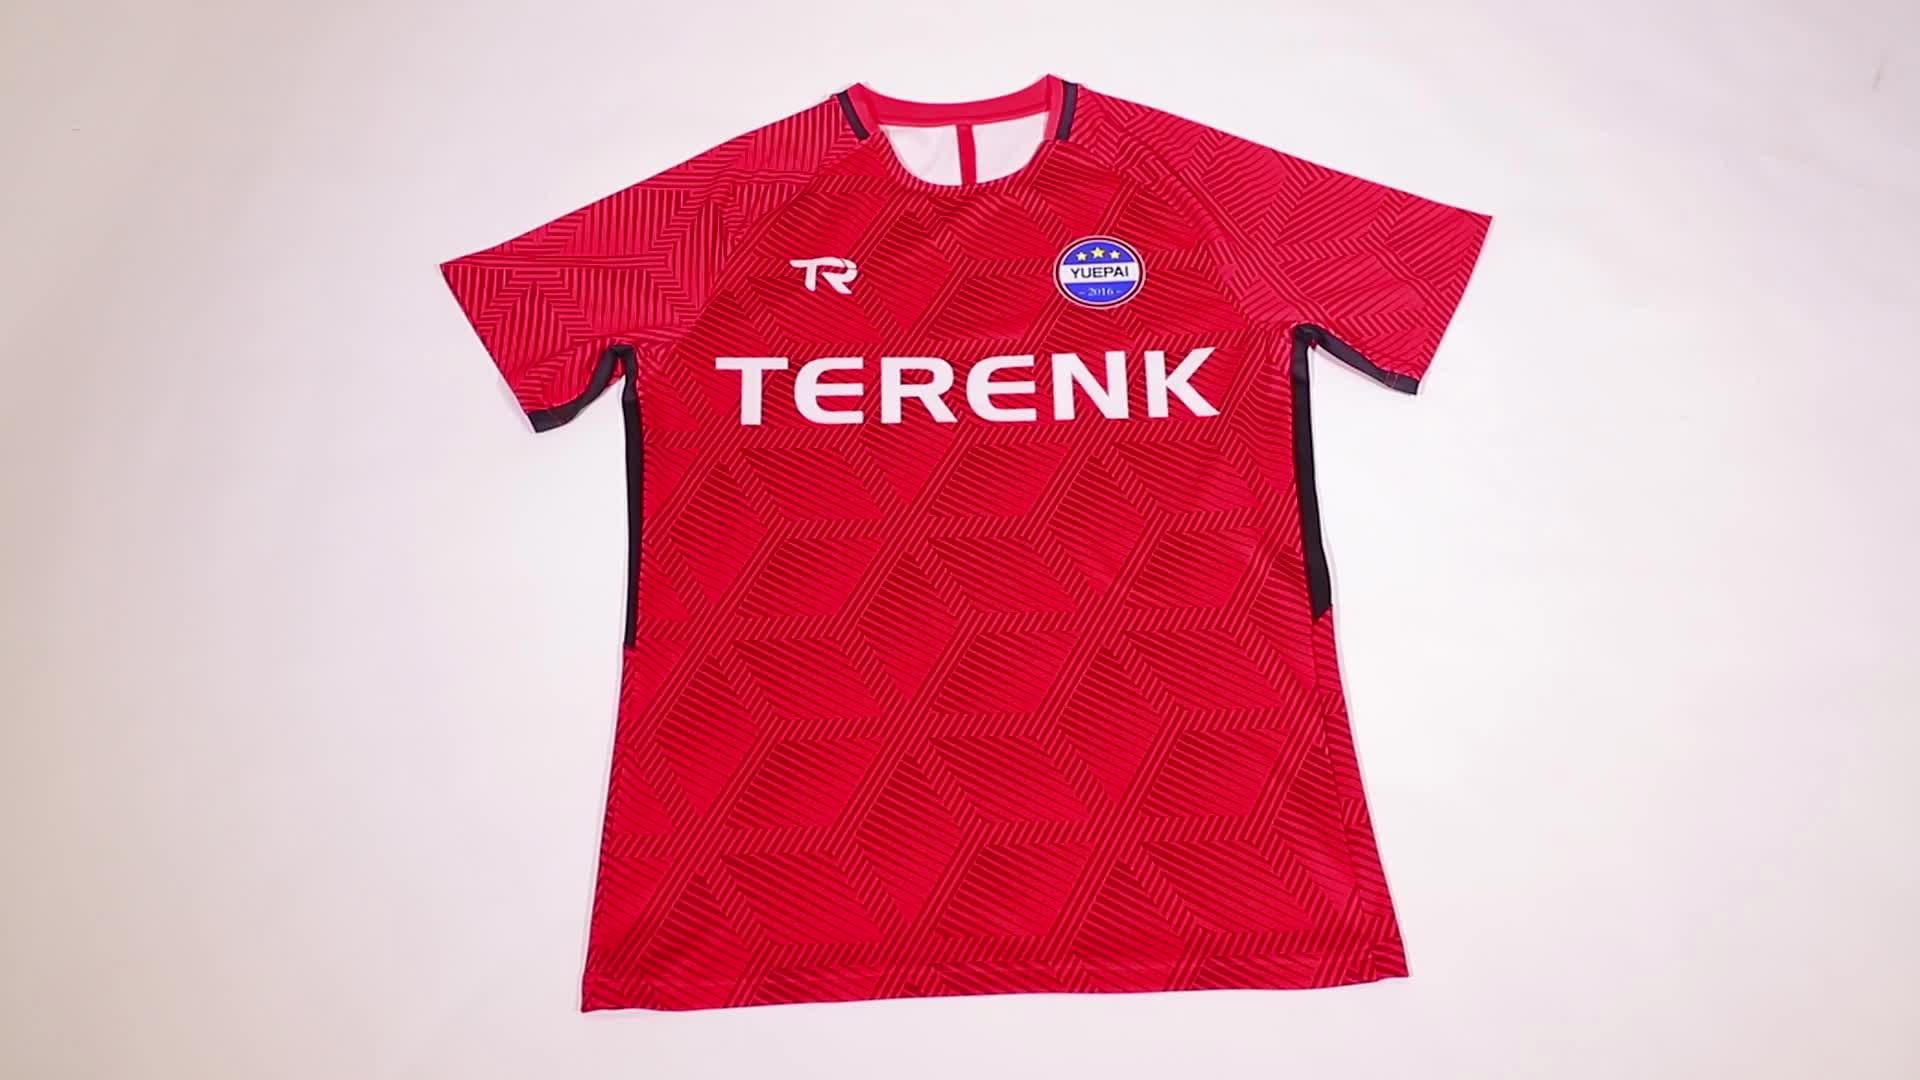 custom sport wear soccer jersey uniform soccerwear football shirt for men and kids